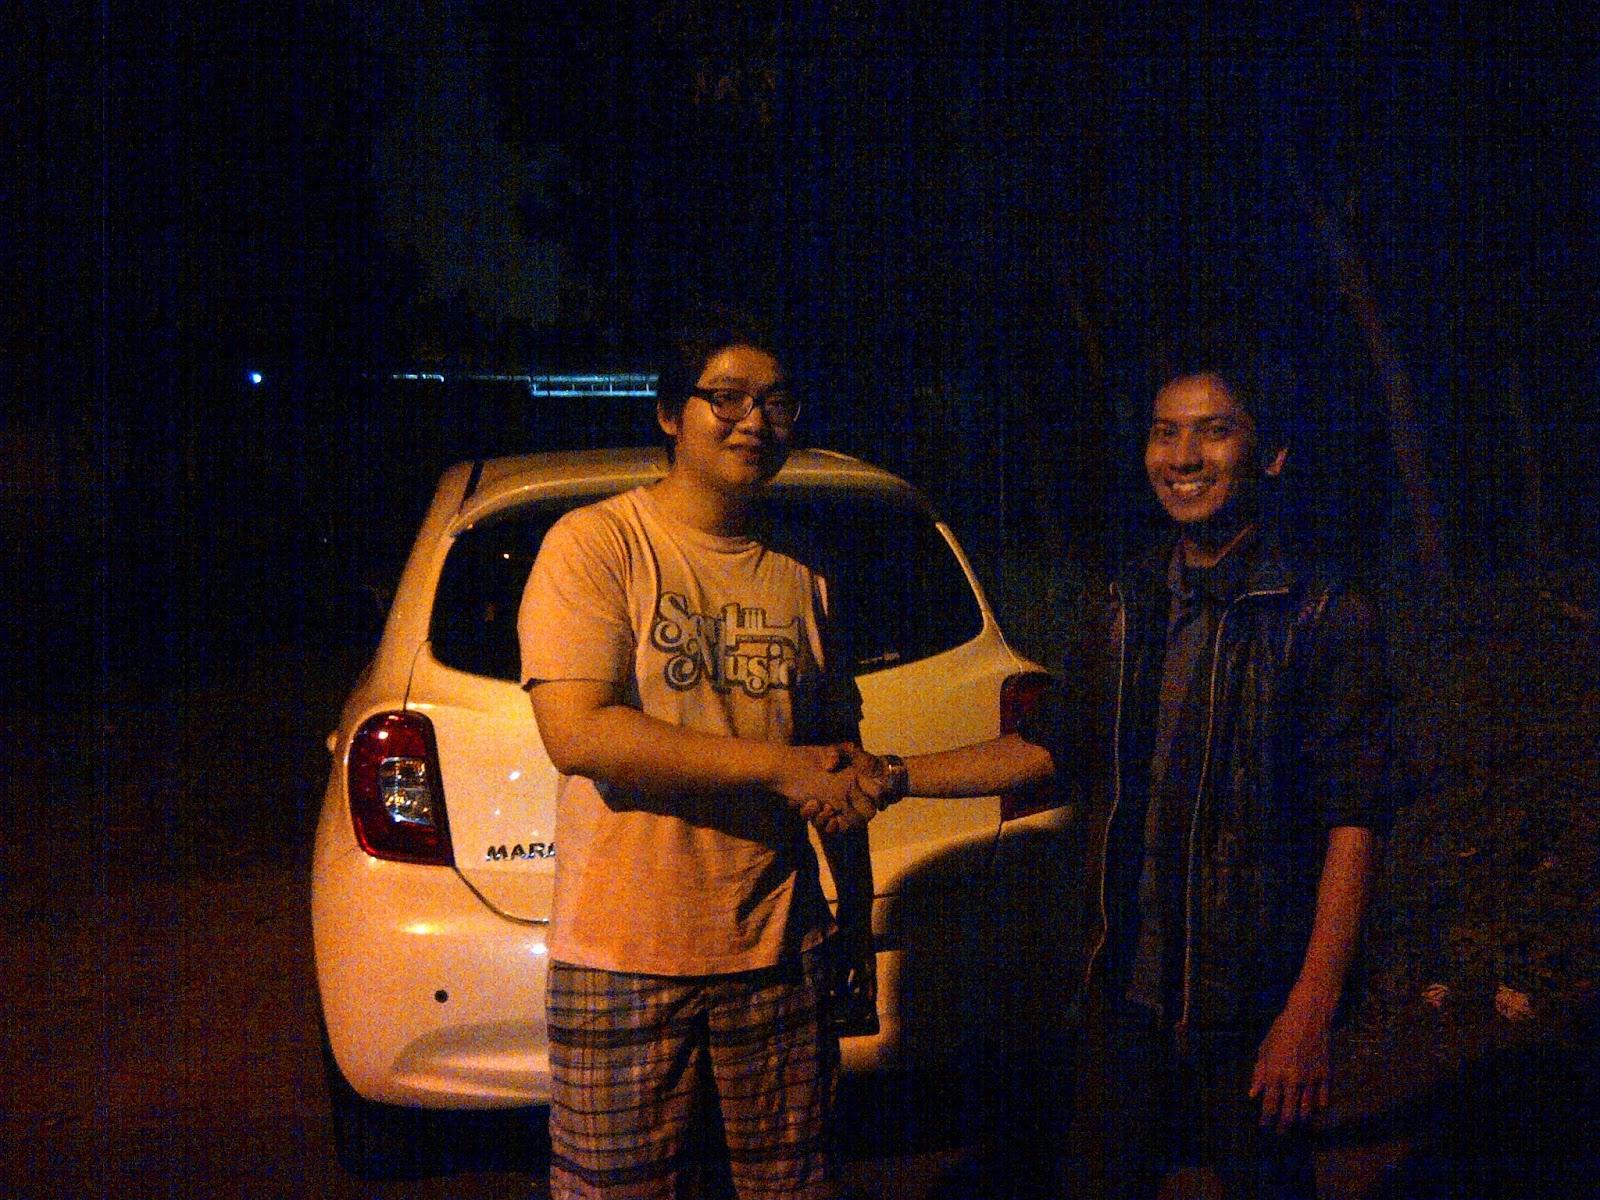 Terimakasih atas kepercayaan Ko Chandra & Ci Risiana yg telah membeli New March melalui media www.touchnissan.com.  Semoga Berkah ya Ko...